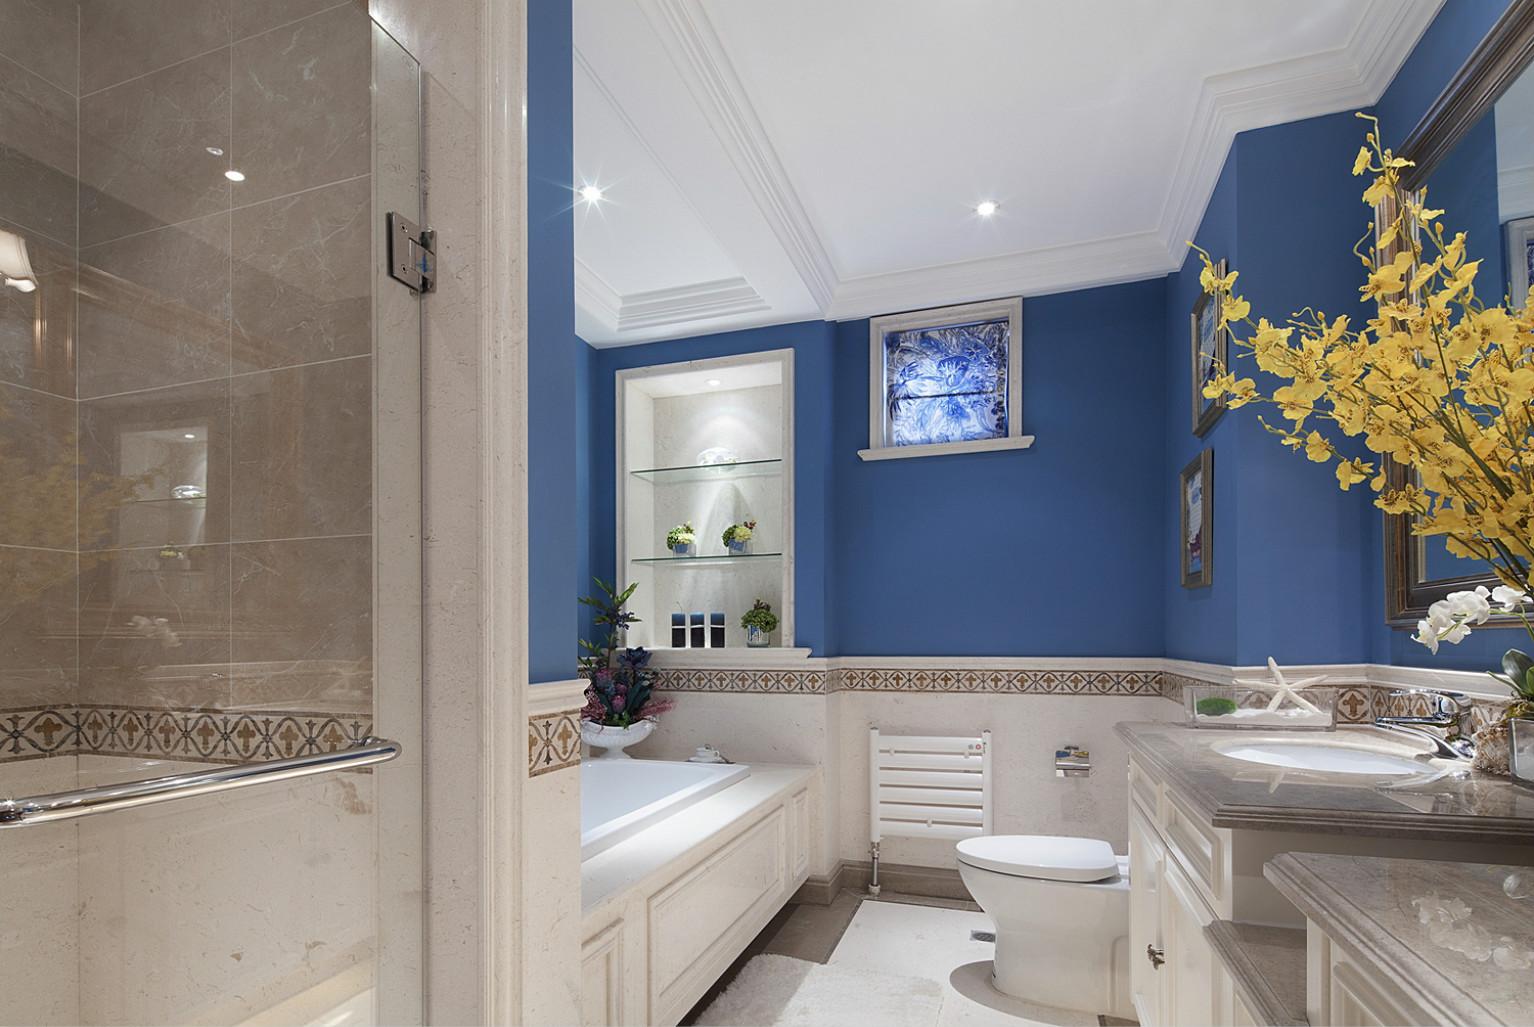 卫生间里一款浴缸,让心情放松一下也是不错的,洗手台下面设计收纳柜留出了更多的空间。